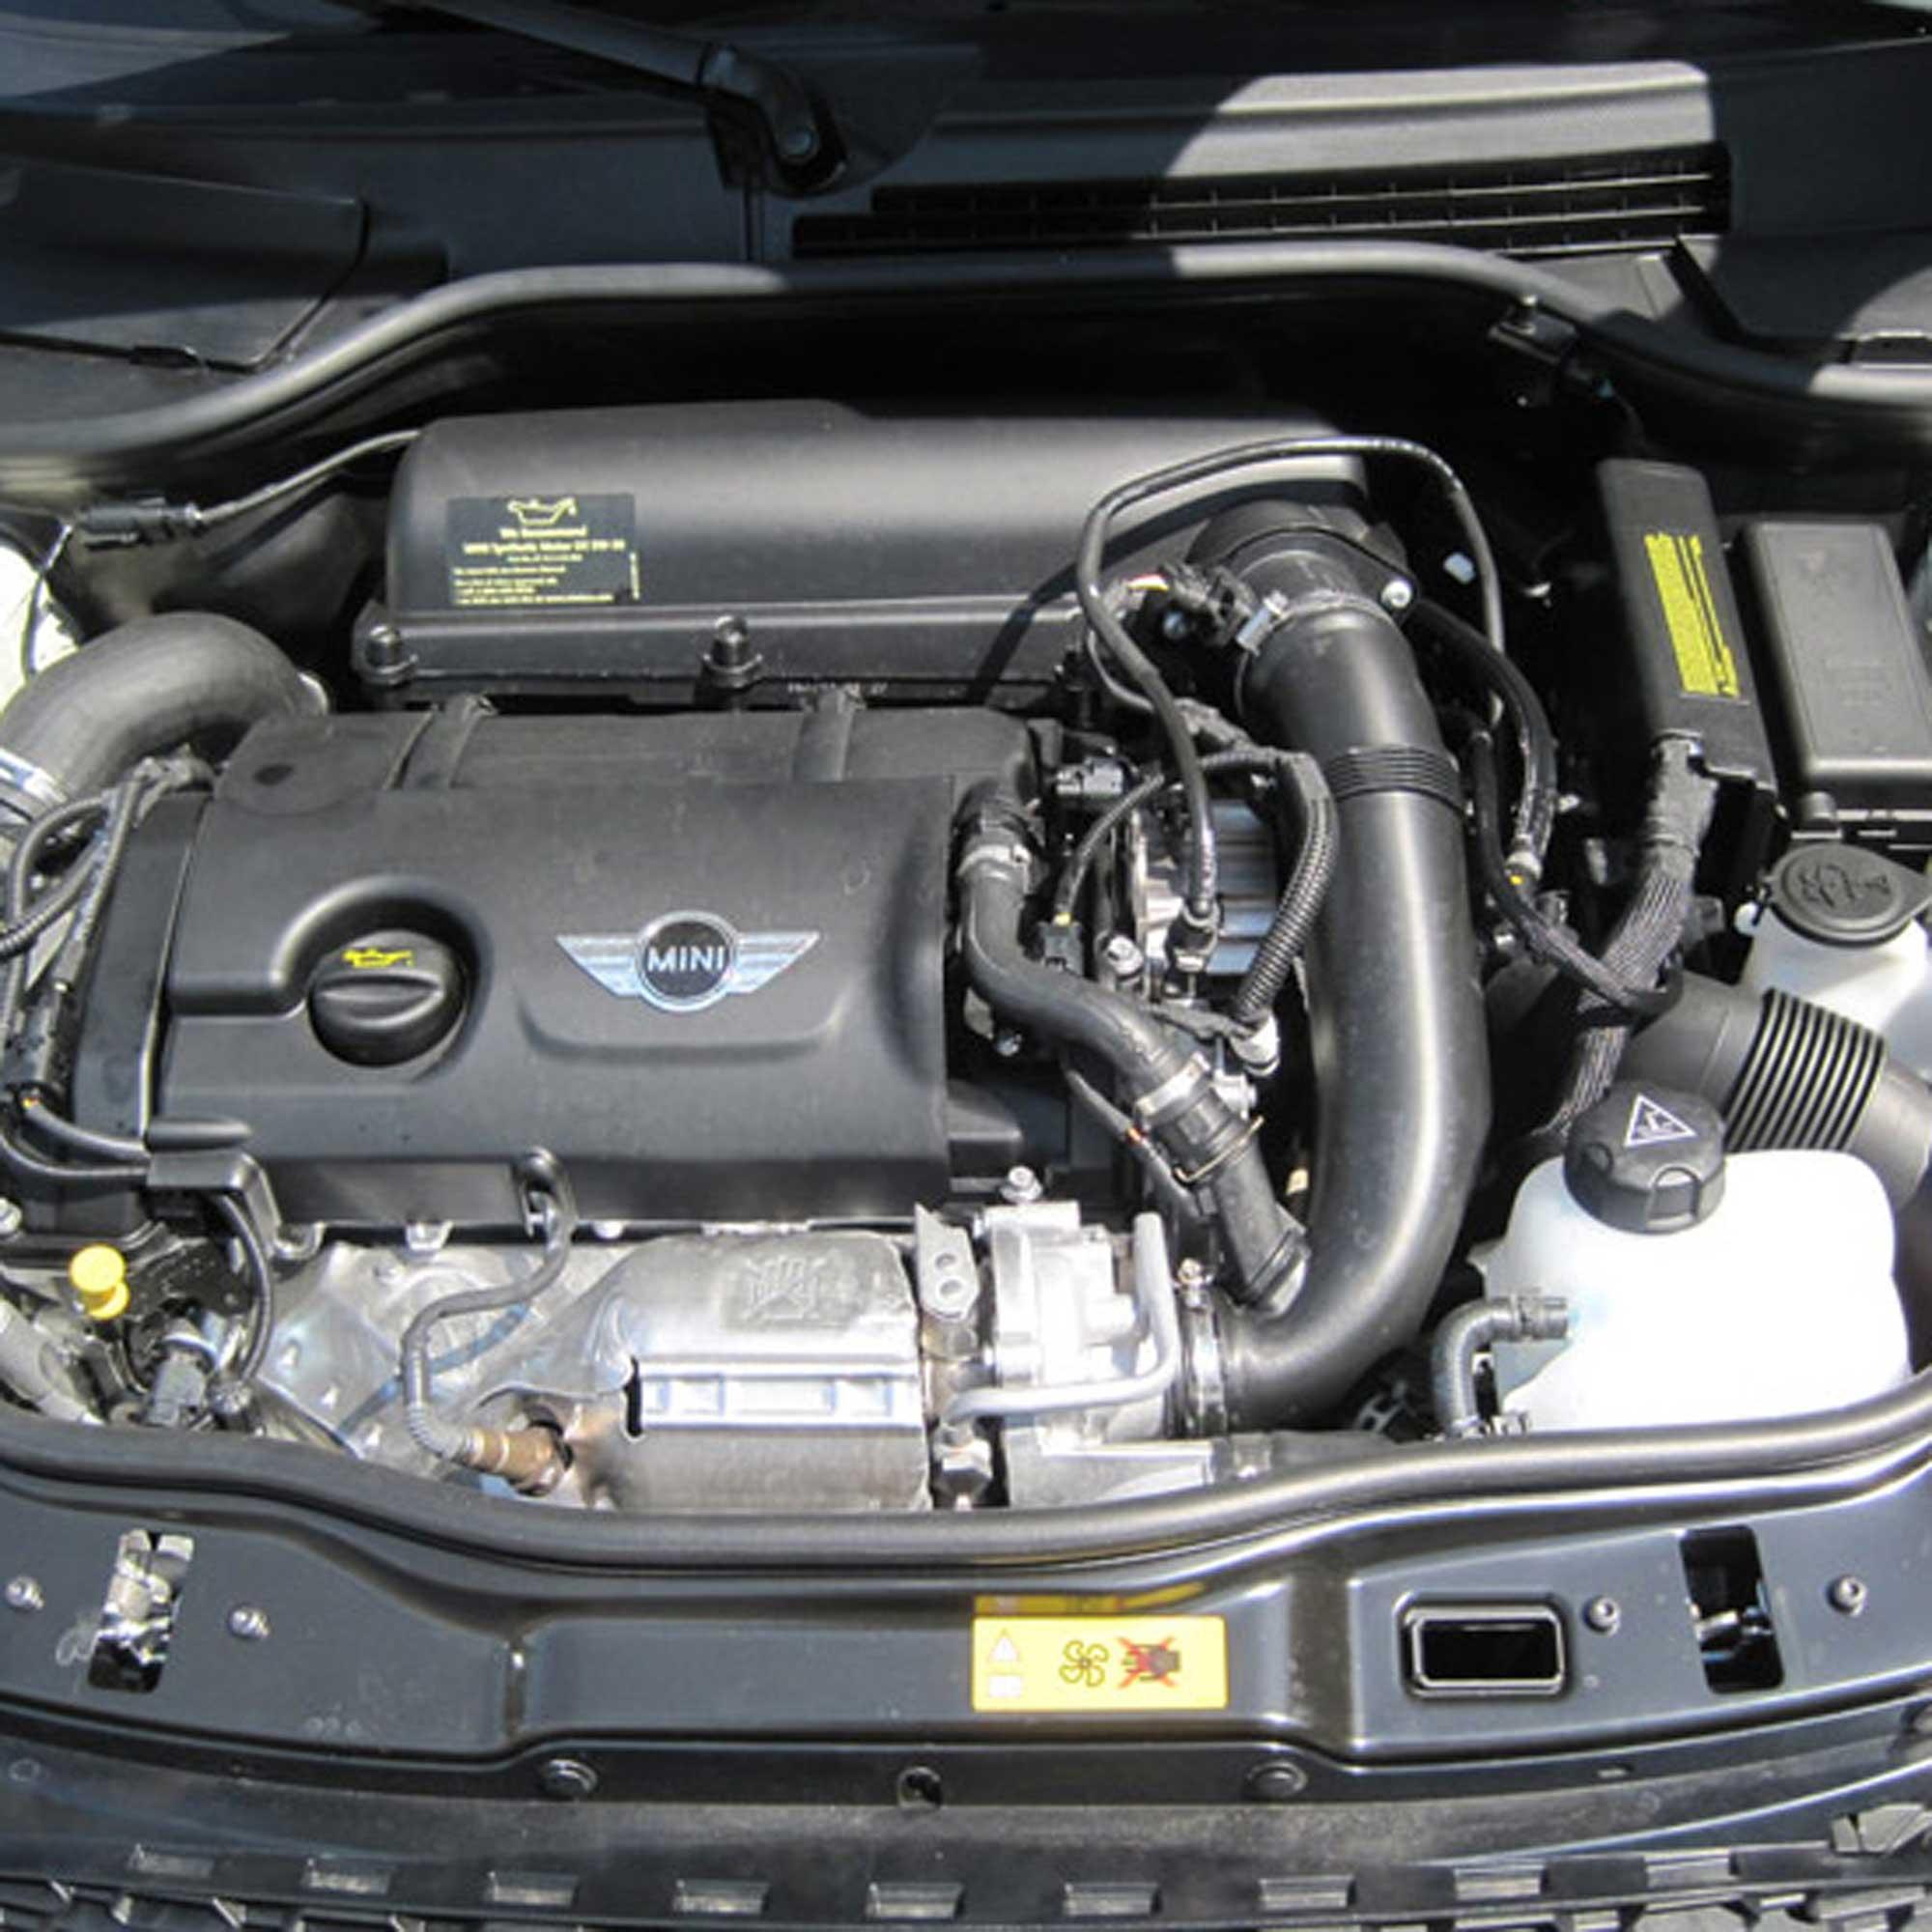 K/&n filtre à air Peugeot 207 1.6i Turbo 33-2936